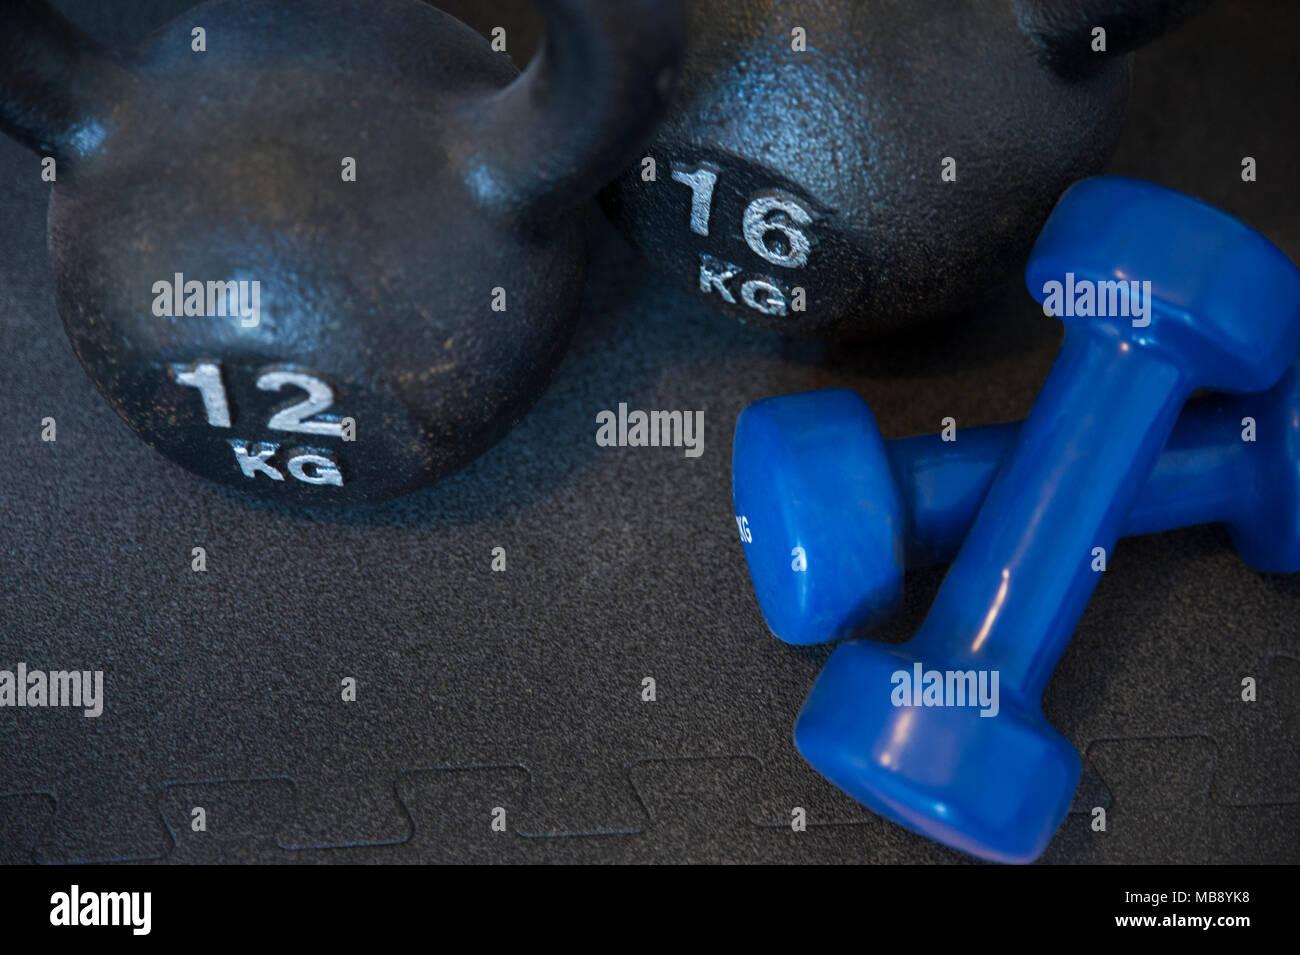 Zwei gusseisernen Kettlebells und zwei Neopren beschichteten Bügeleisen Kurzhanteln, für Muskelaufbau, Aerobic- und, auf einer schwarzen Matte positioniert Stockbild